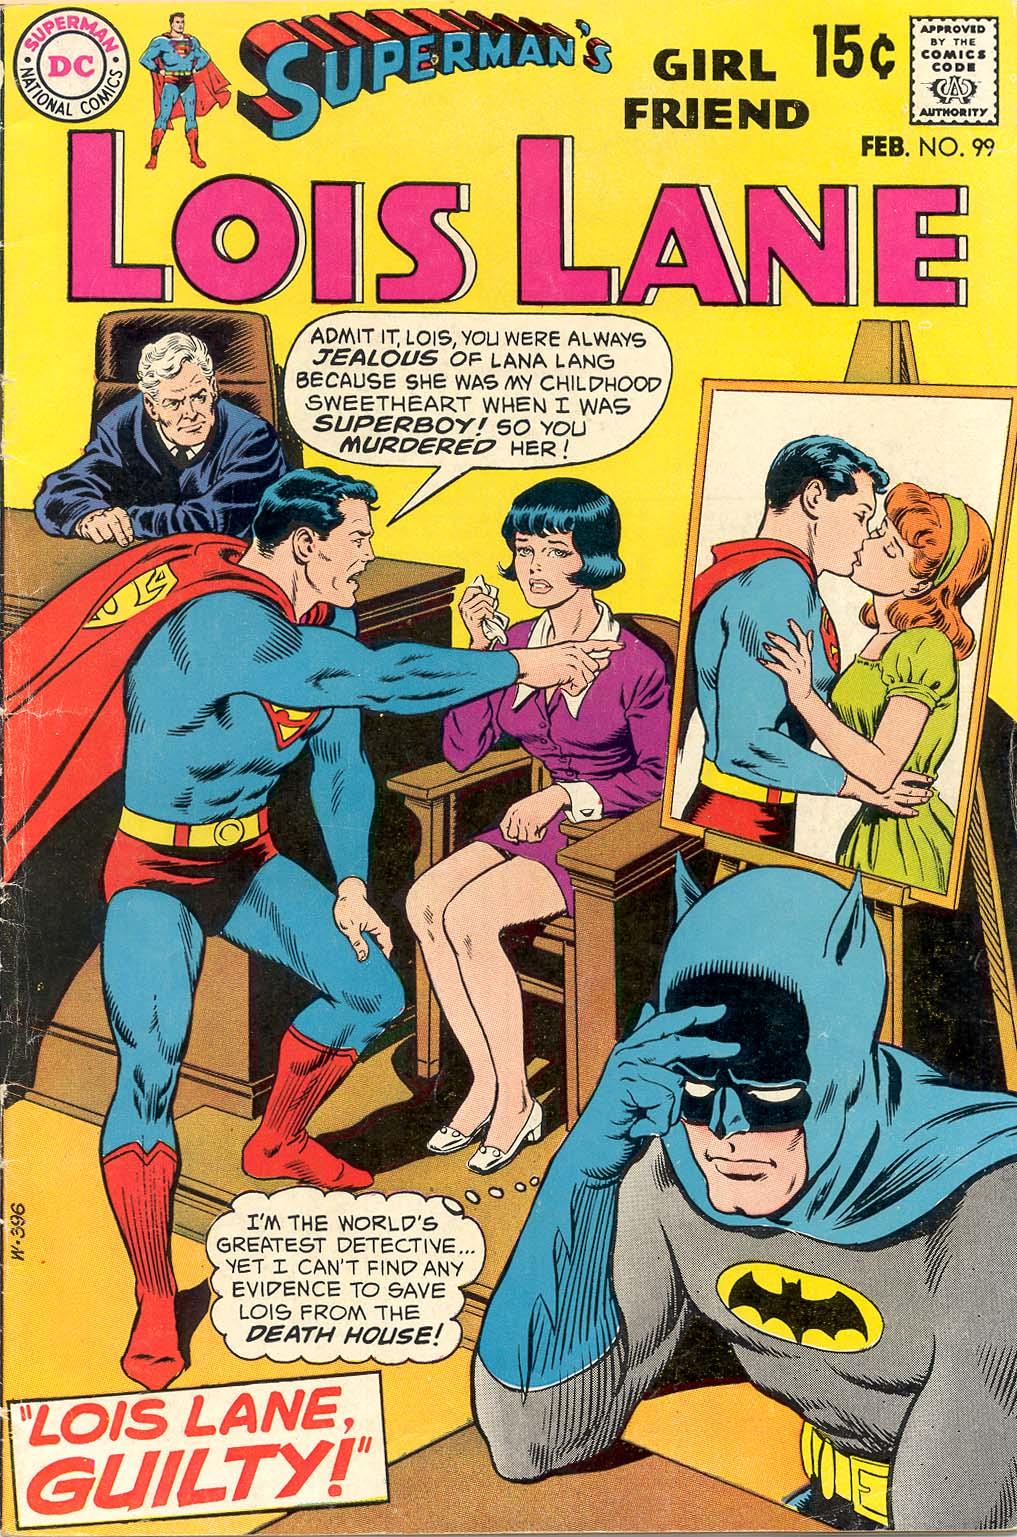 Supermans Girl Friend, Lois Lane 99 Page 1